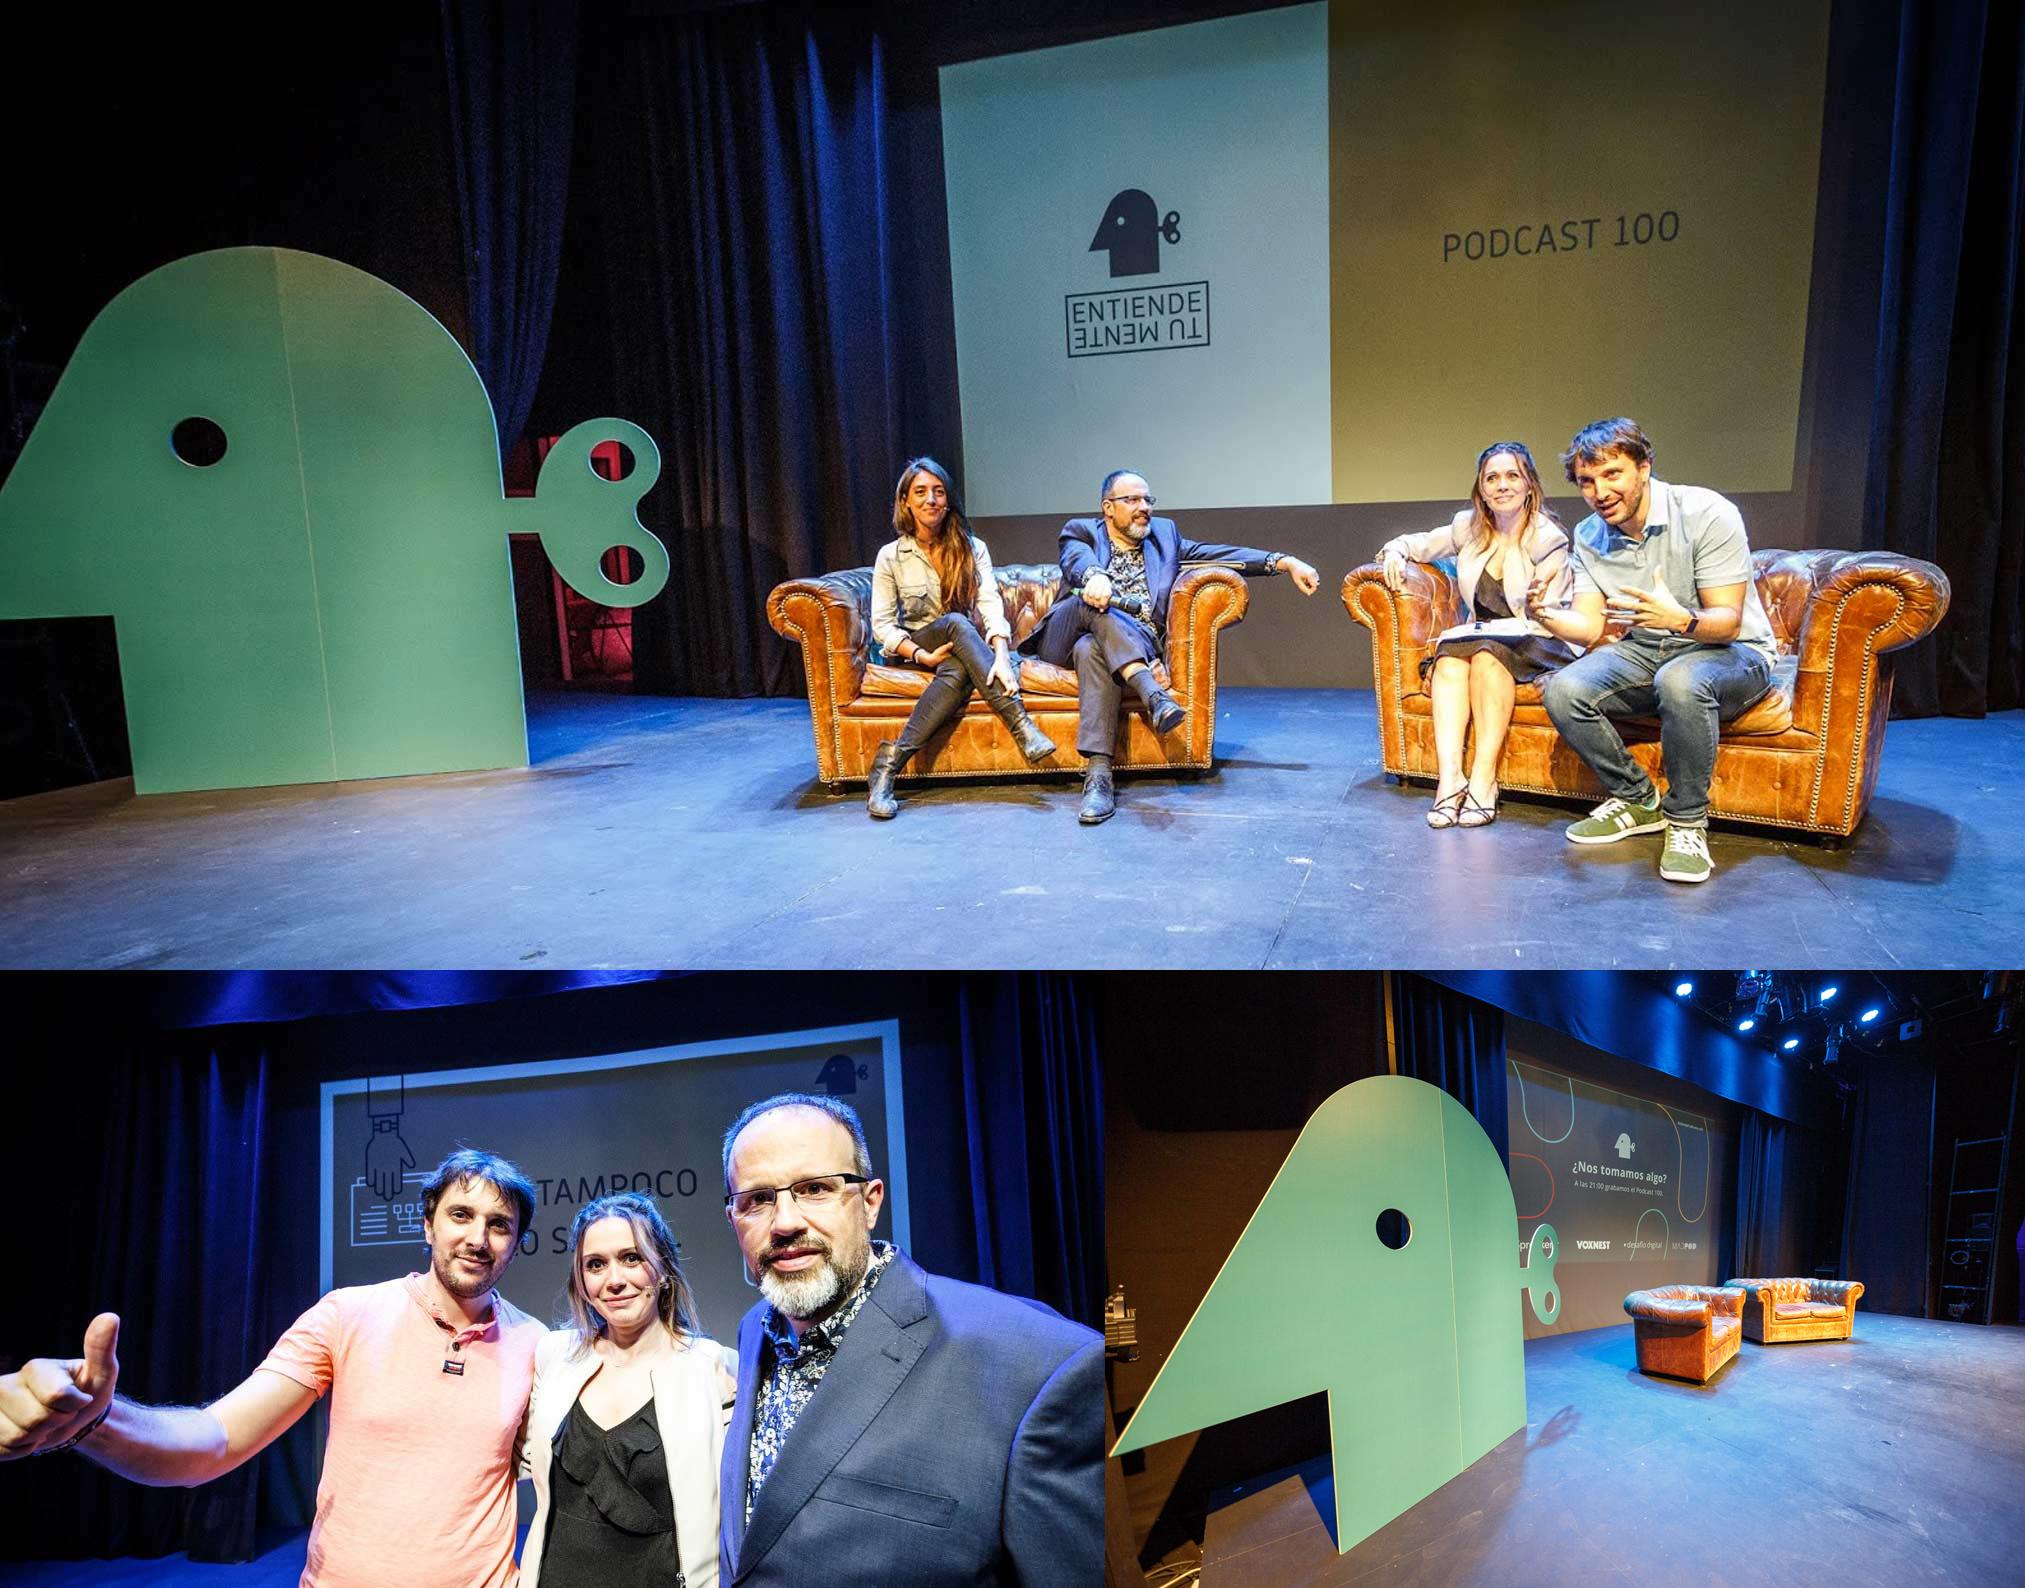 Molo Cebrián, Luis Muiño, Mónica y Sara